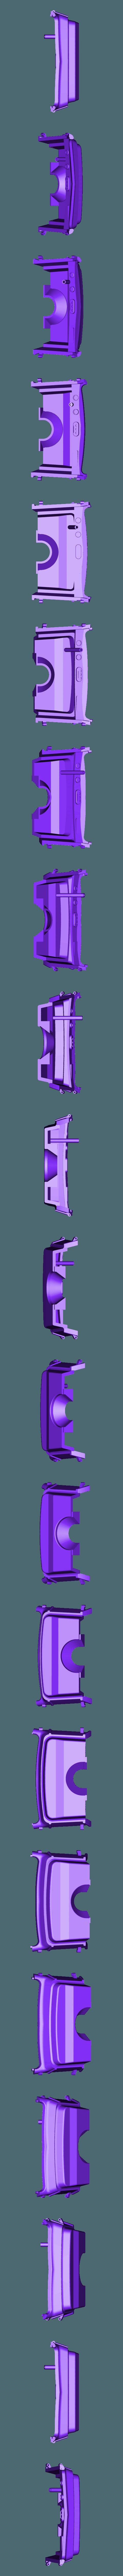 63trkrod1_front.stl Download STL file Ratrod Pickup • 3D printing template, macone1